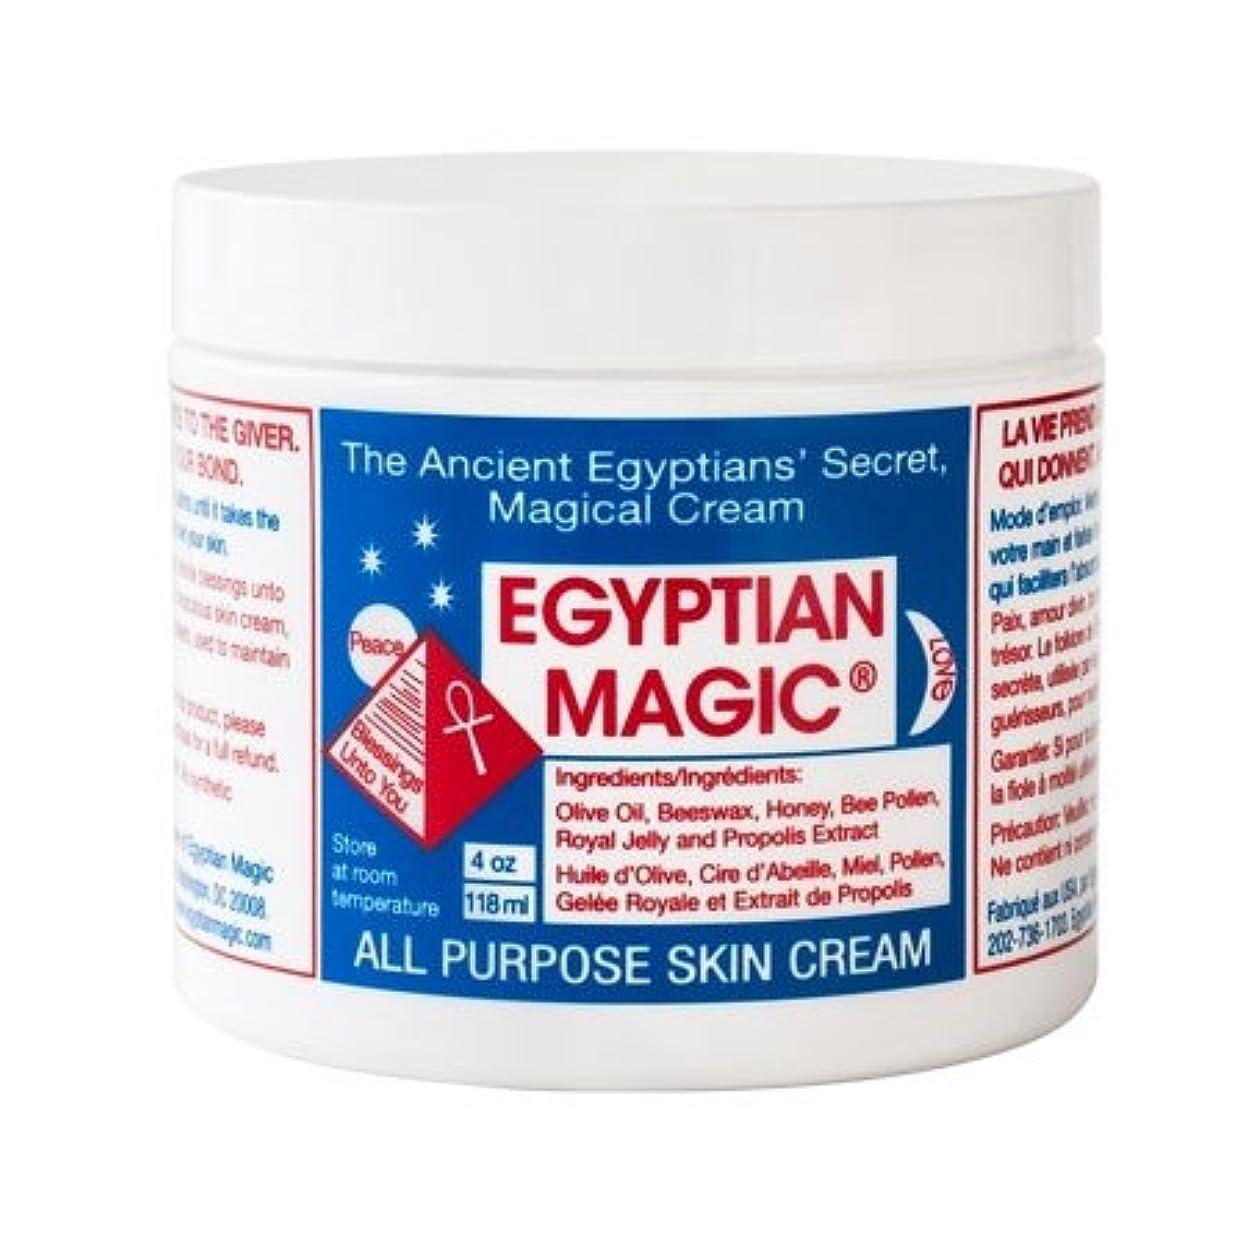 レポートを書く十妖精エジプシャンマジック エジプシャン マジック クリーム 118ml 海外仕様パッケージ